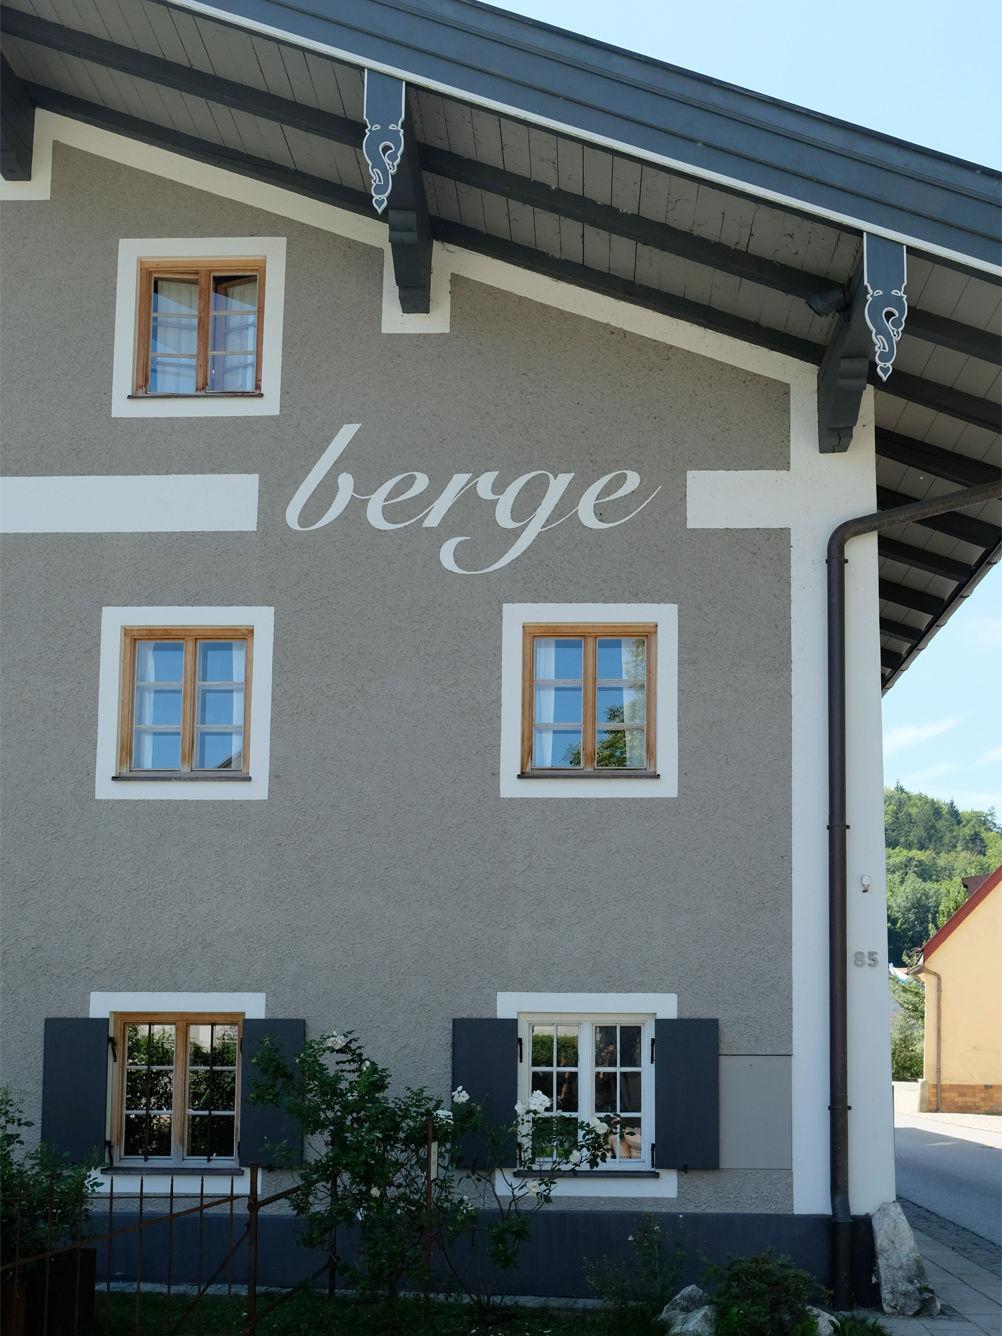 G stehaus berge entspannung im detail anneliwest berlin for Design hotel berge